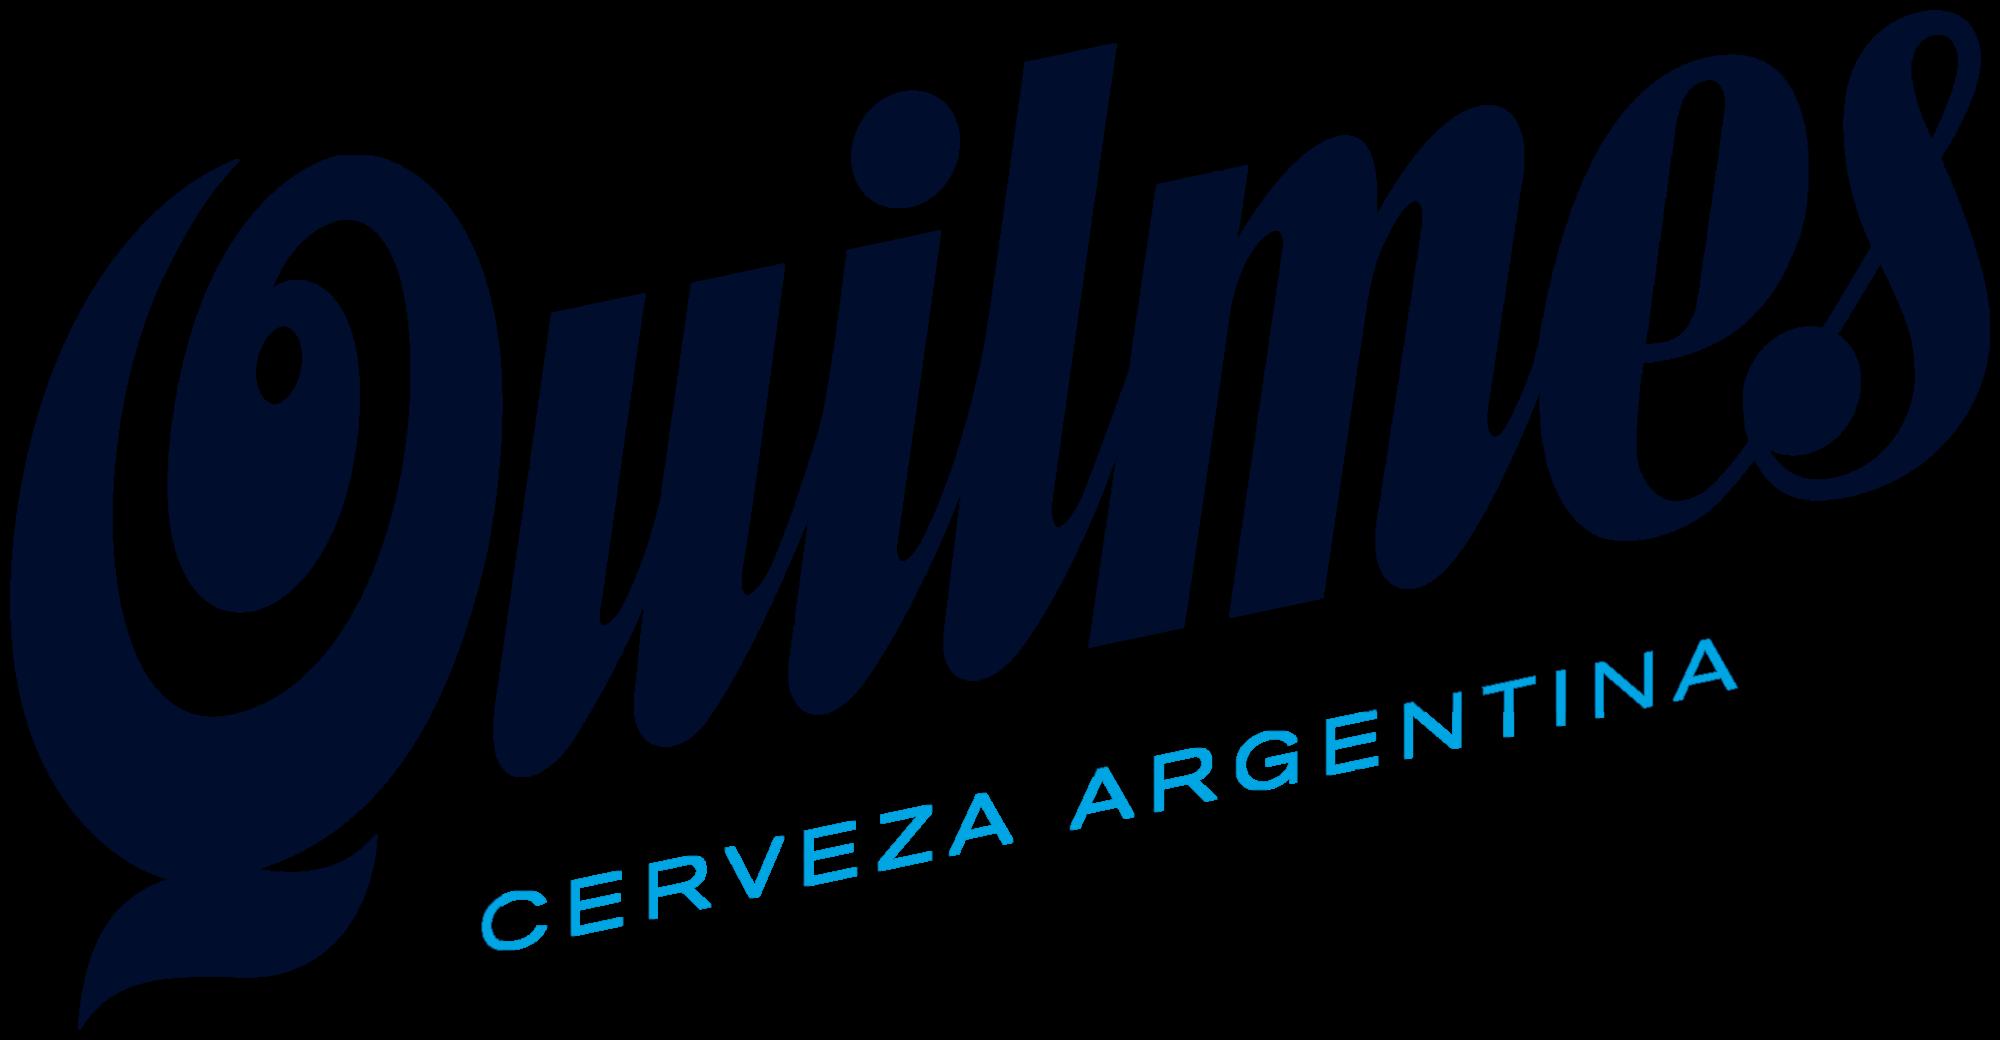 Archivo:Quilmes Logo Nuevo.png - Wikipedia, la enciclopedia libre